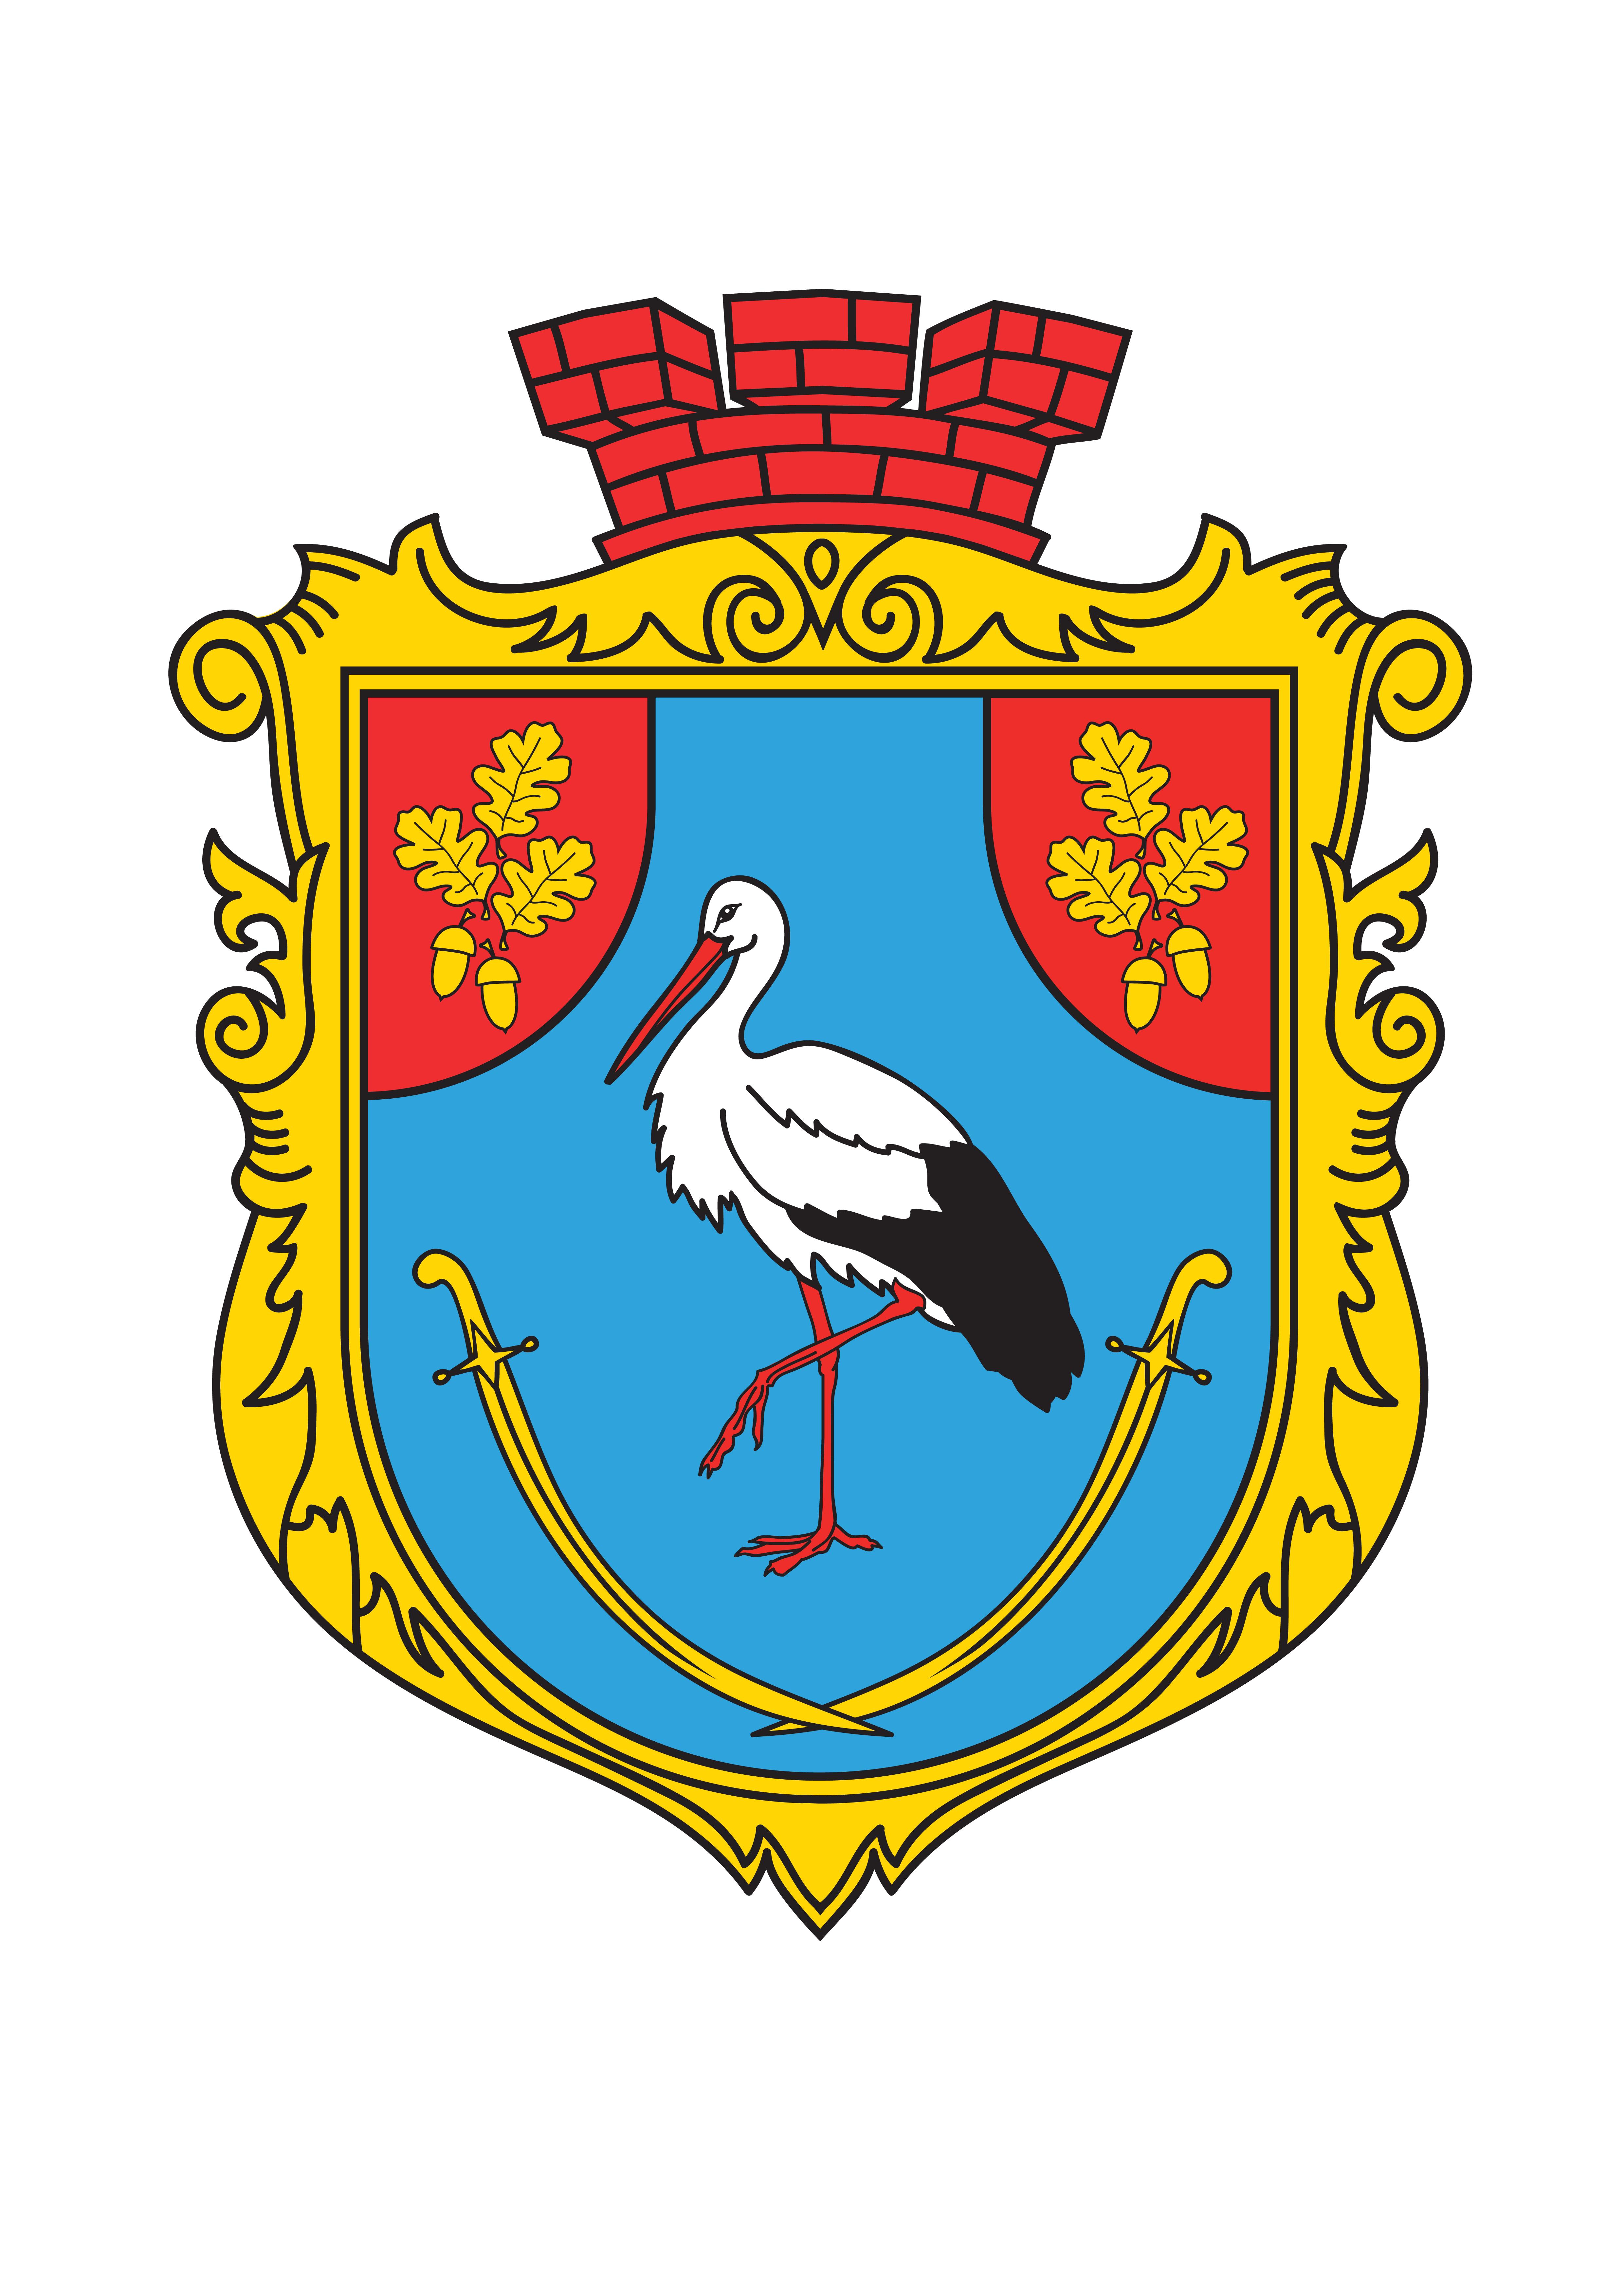 vykonavchyi-komitet-lykhivskoi-selyshchnoi-rady-piatykhatskoho-raionu-dnipropetrovskoi-oblasti